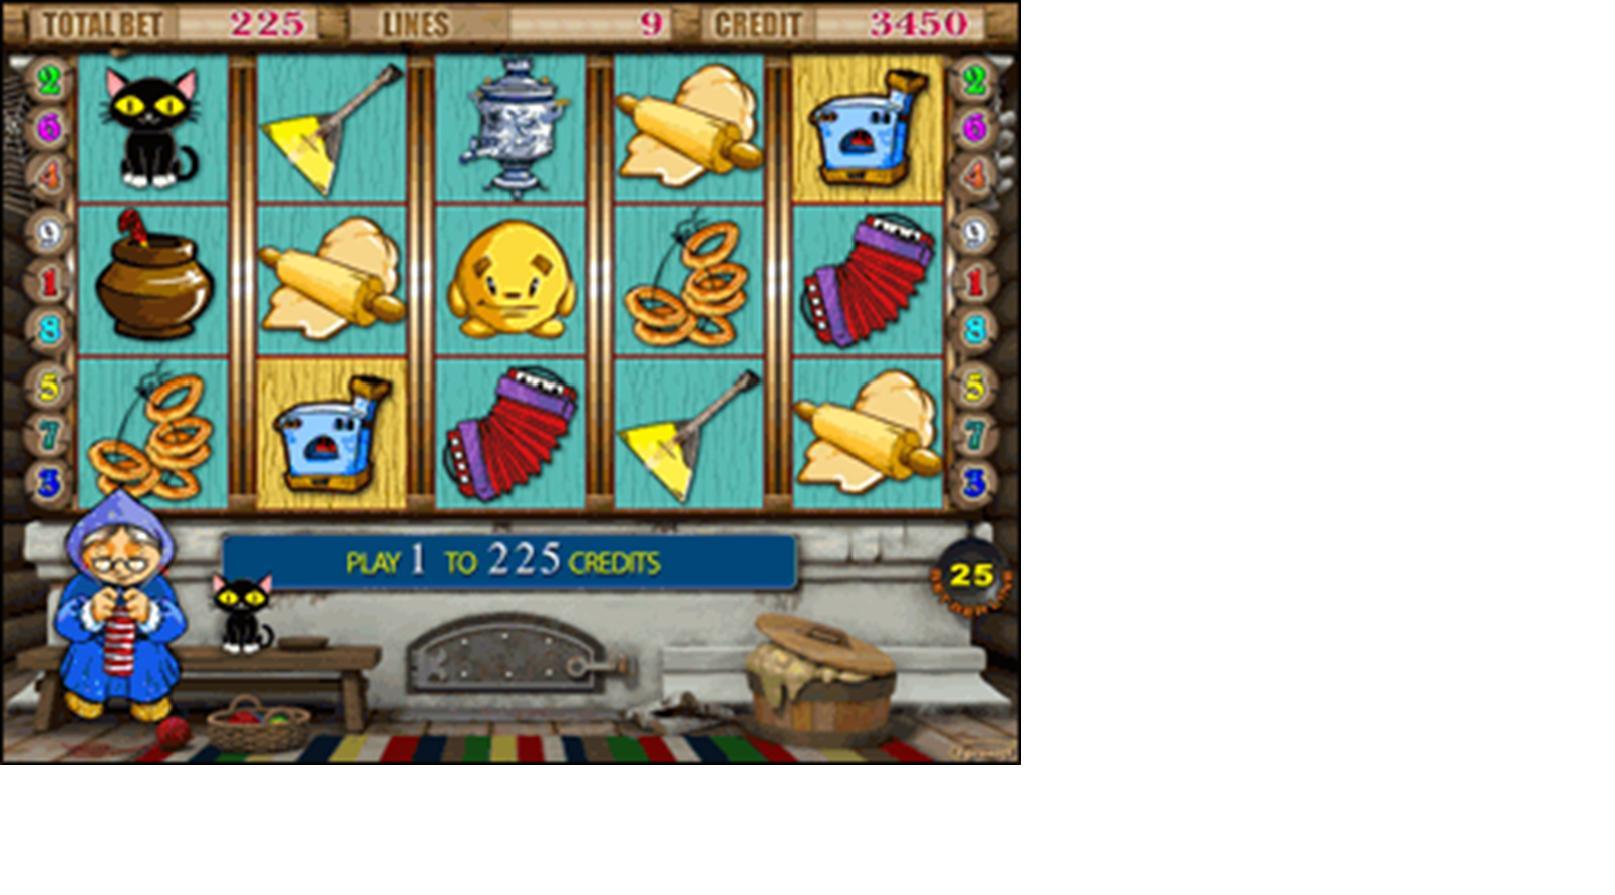 Как выиграть 4000 рублей в игровой автомат клубнички в казино.